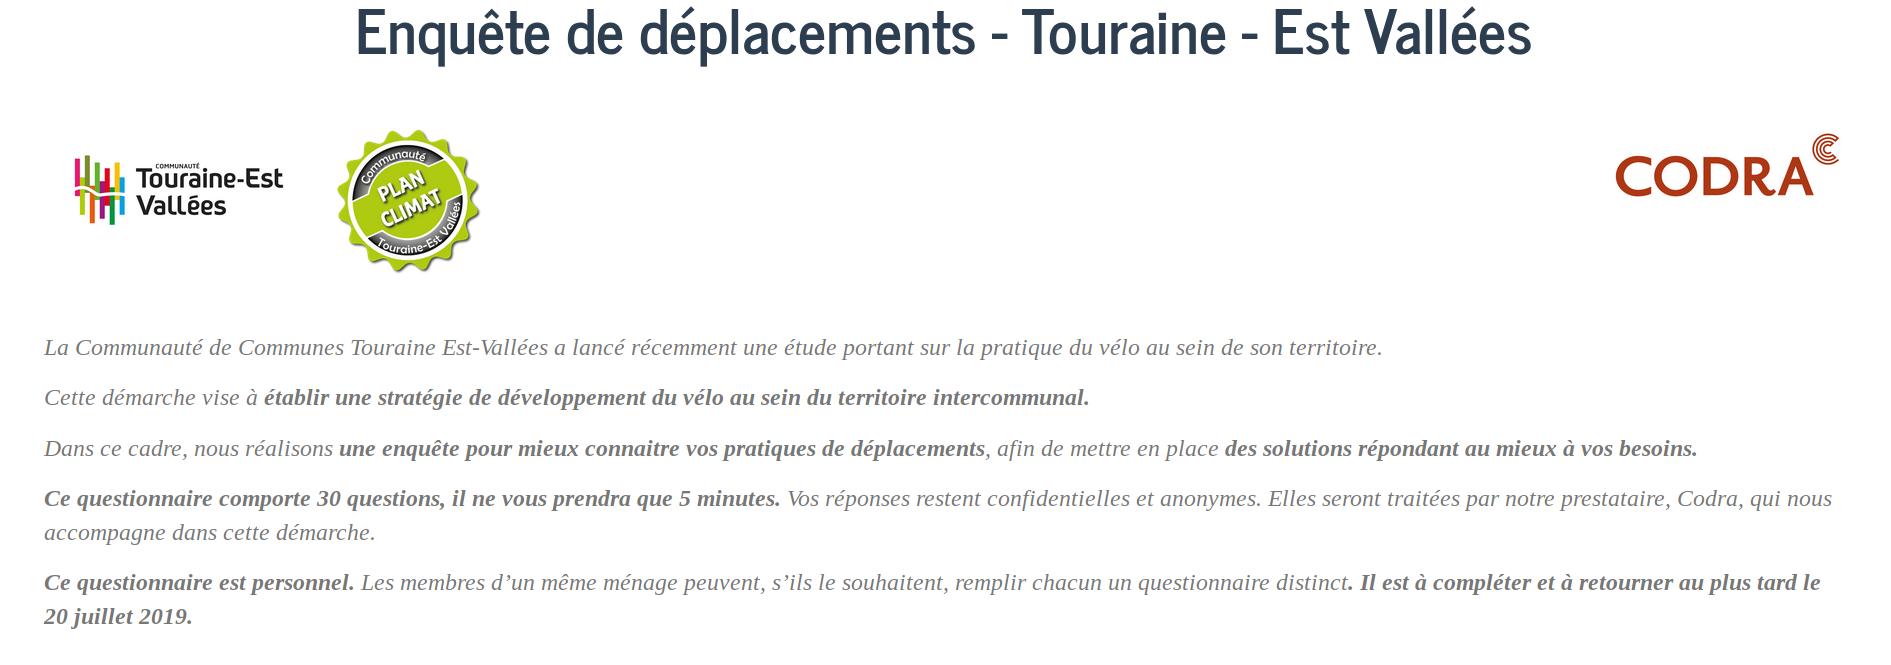 Enquête déplacements 2019 lancée par la Communauté de Communes Touraine Est Vallées.